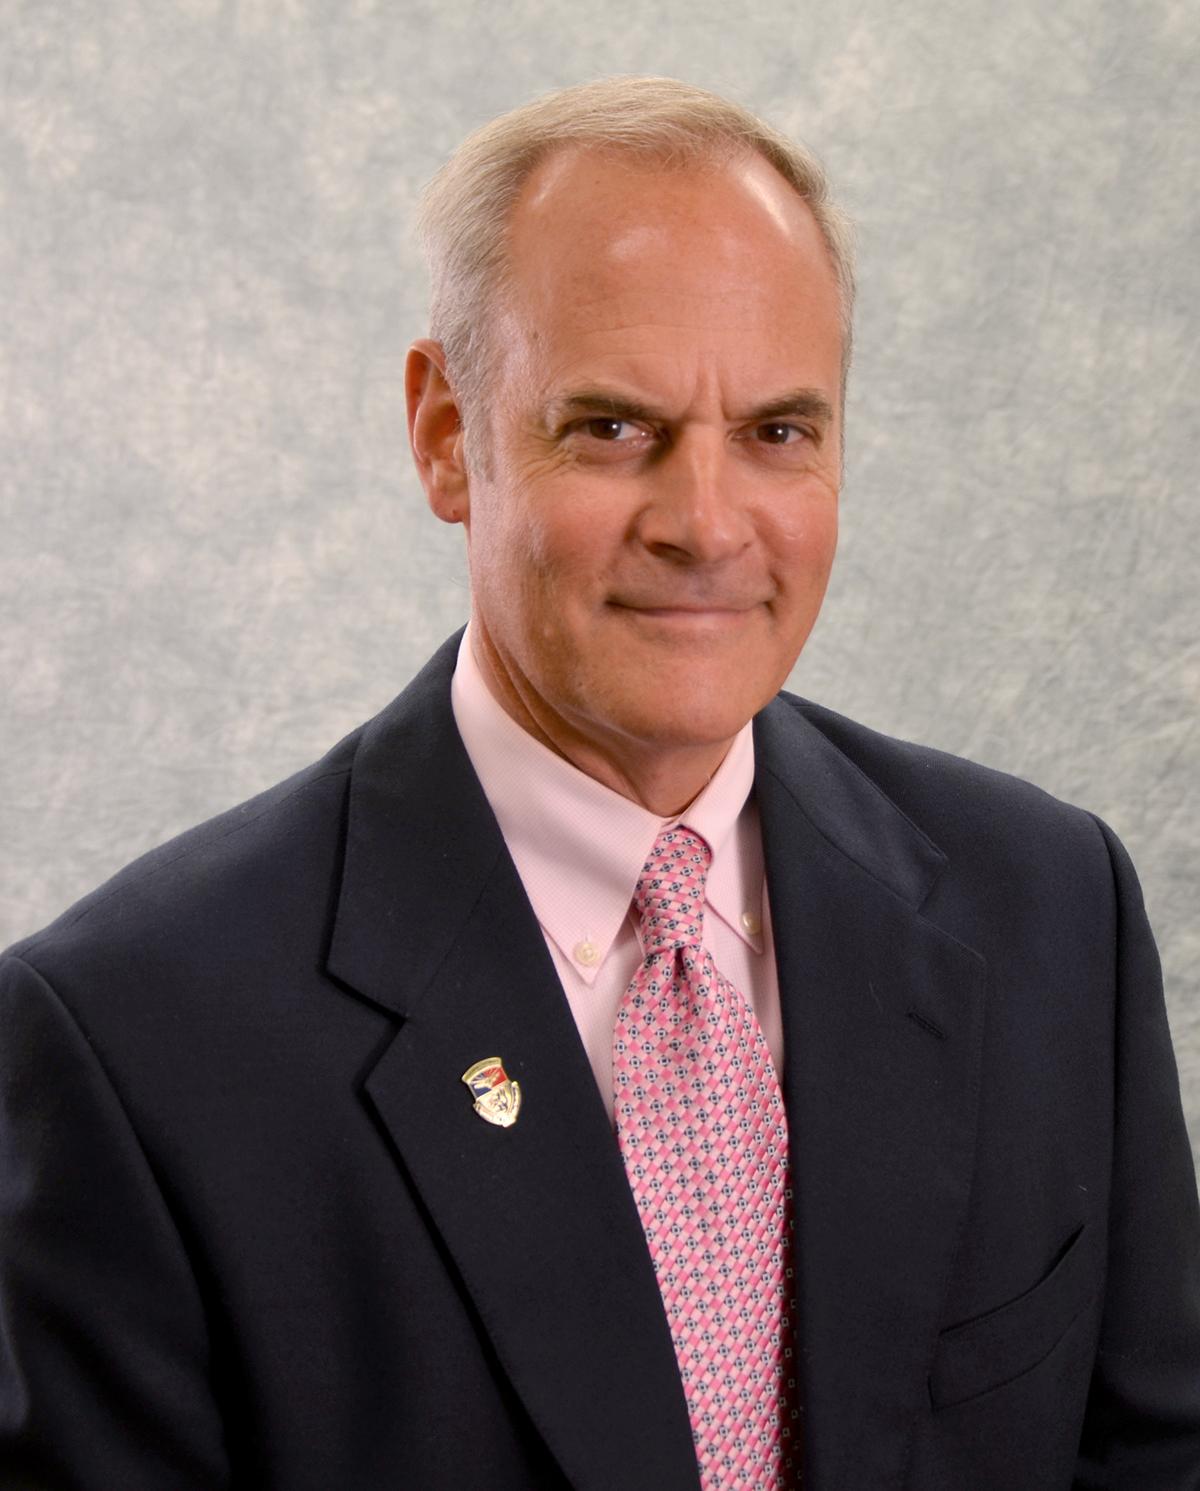 Profile picture of Donald Accamando